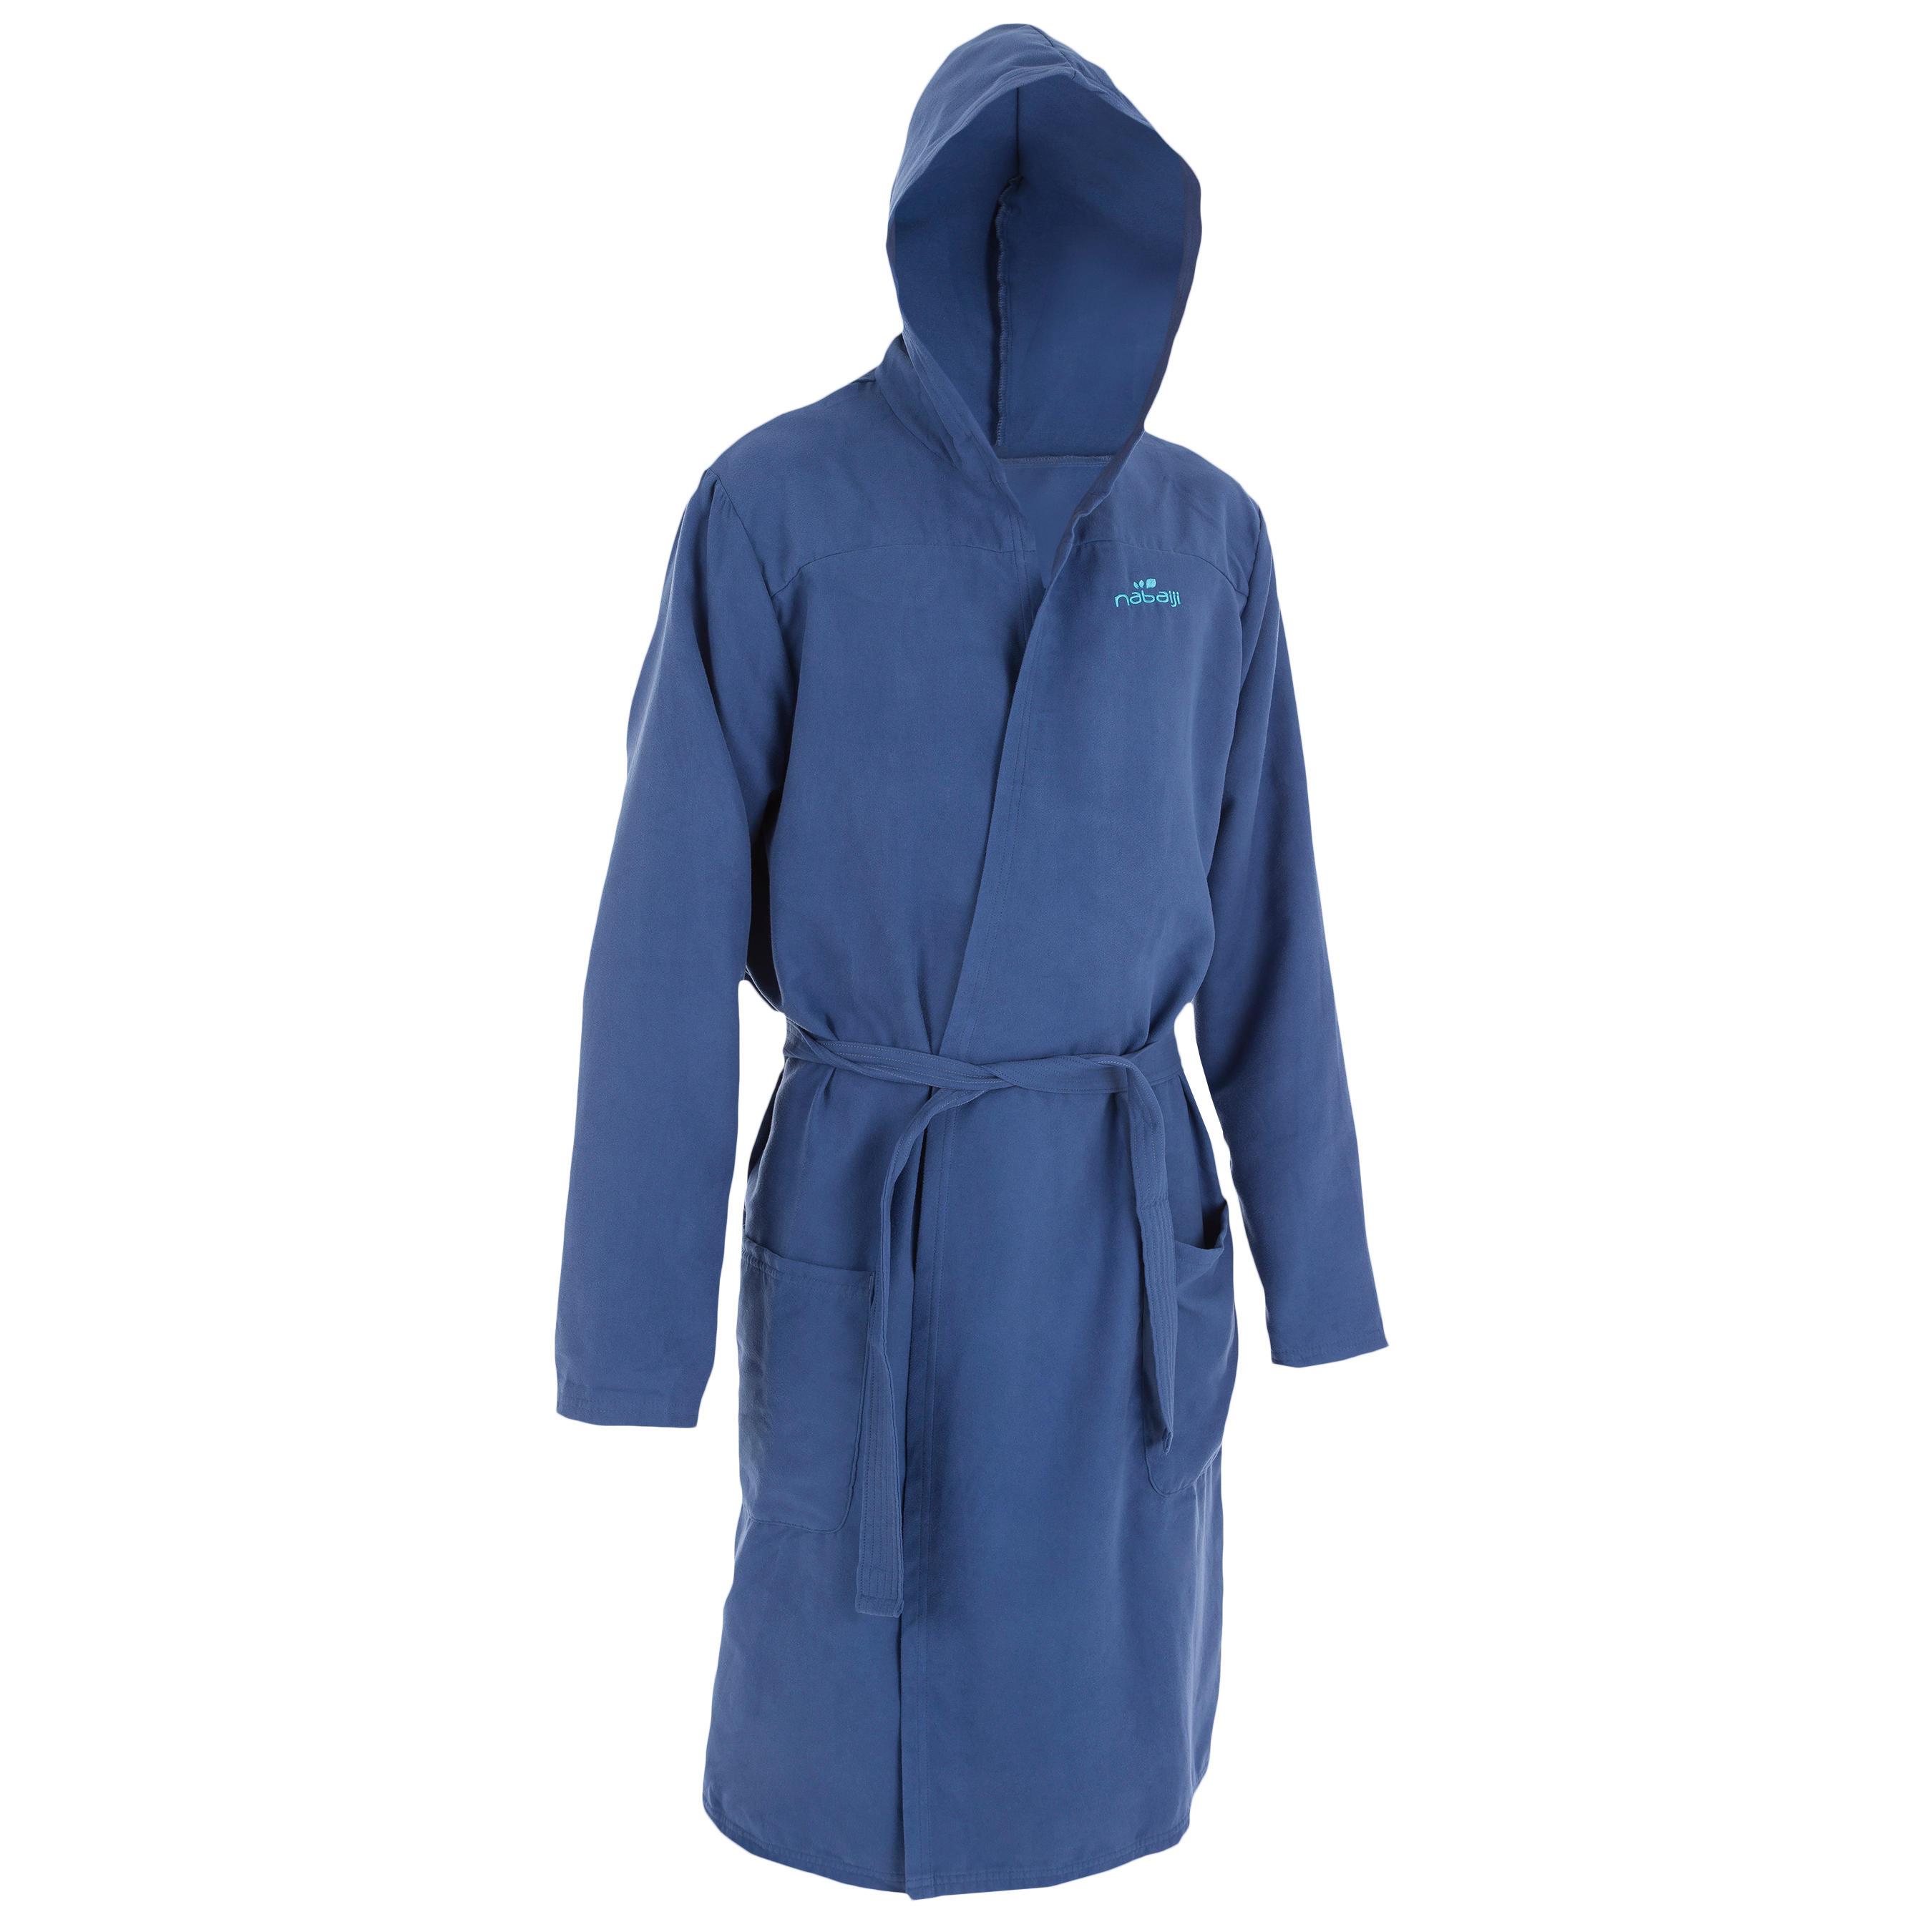 Peignoir homme bleu foncé compact et microfibre avec capuche, poches et ceinture